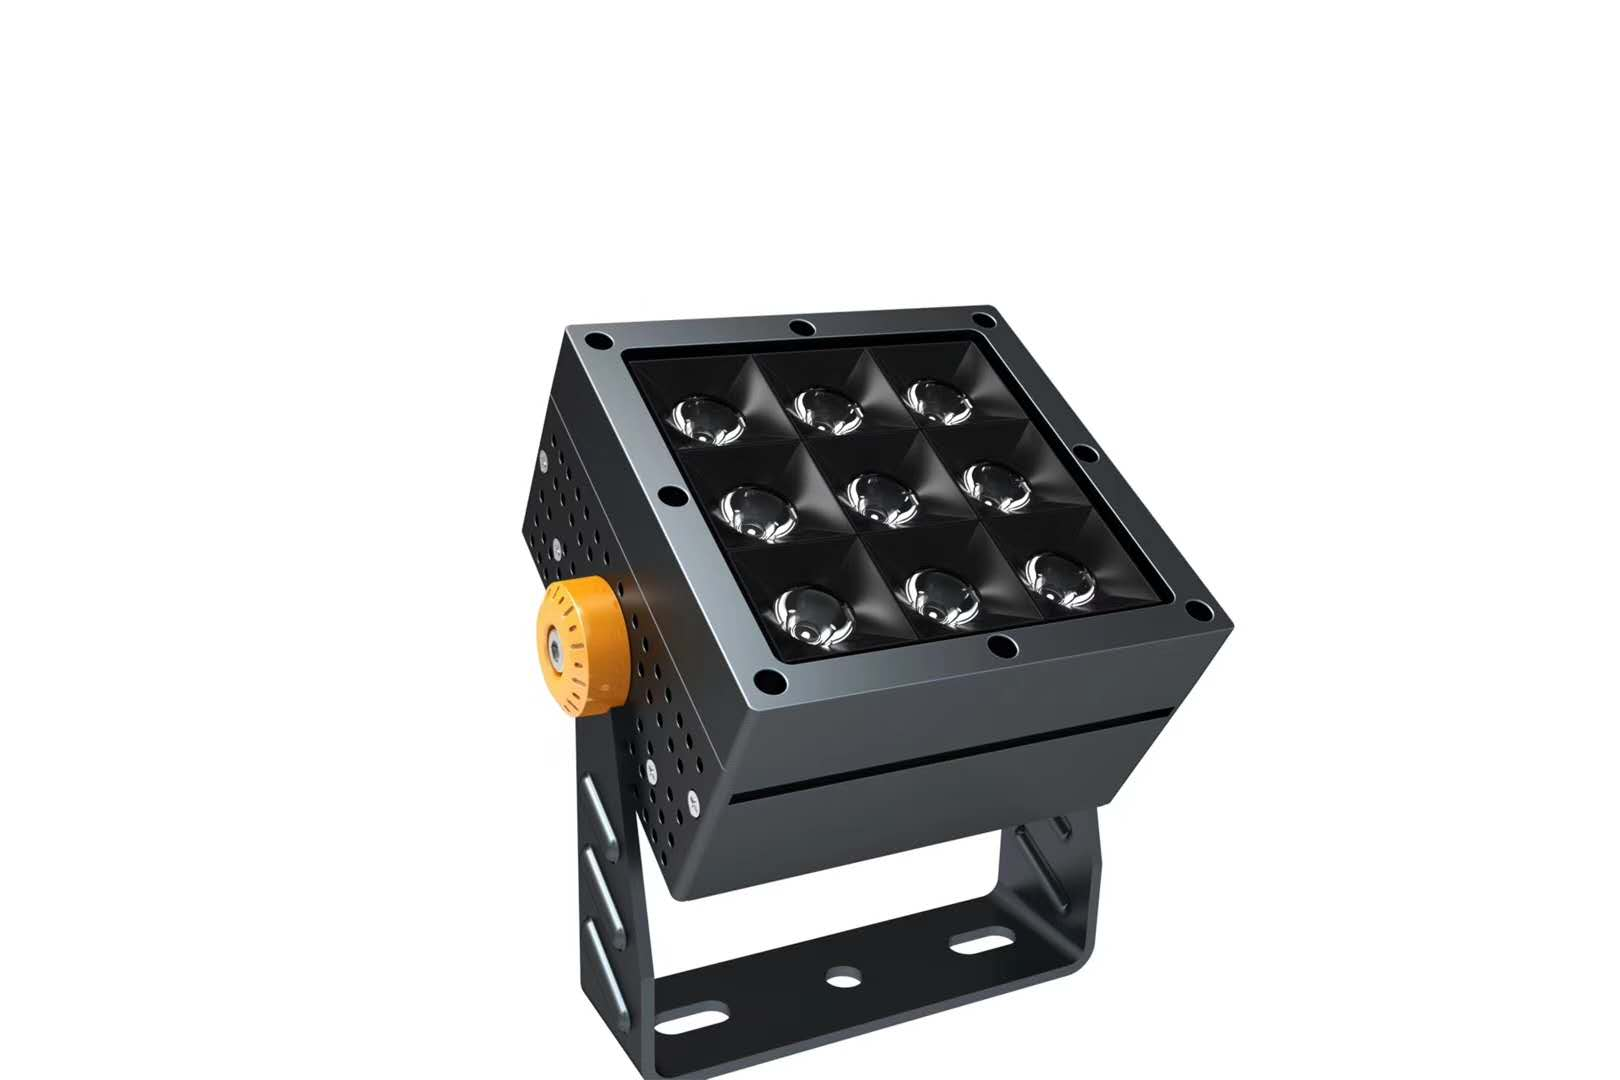 大功率LED投光灯圆形方形厂家直销 LED投光灯暖光